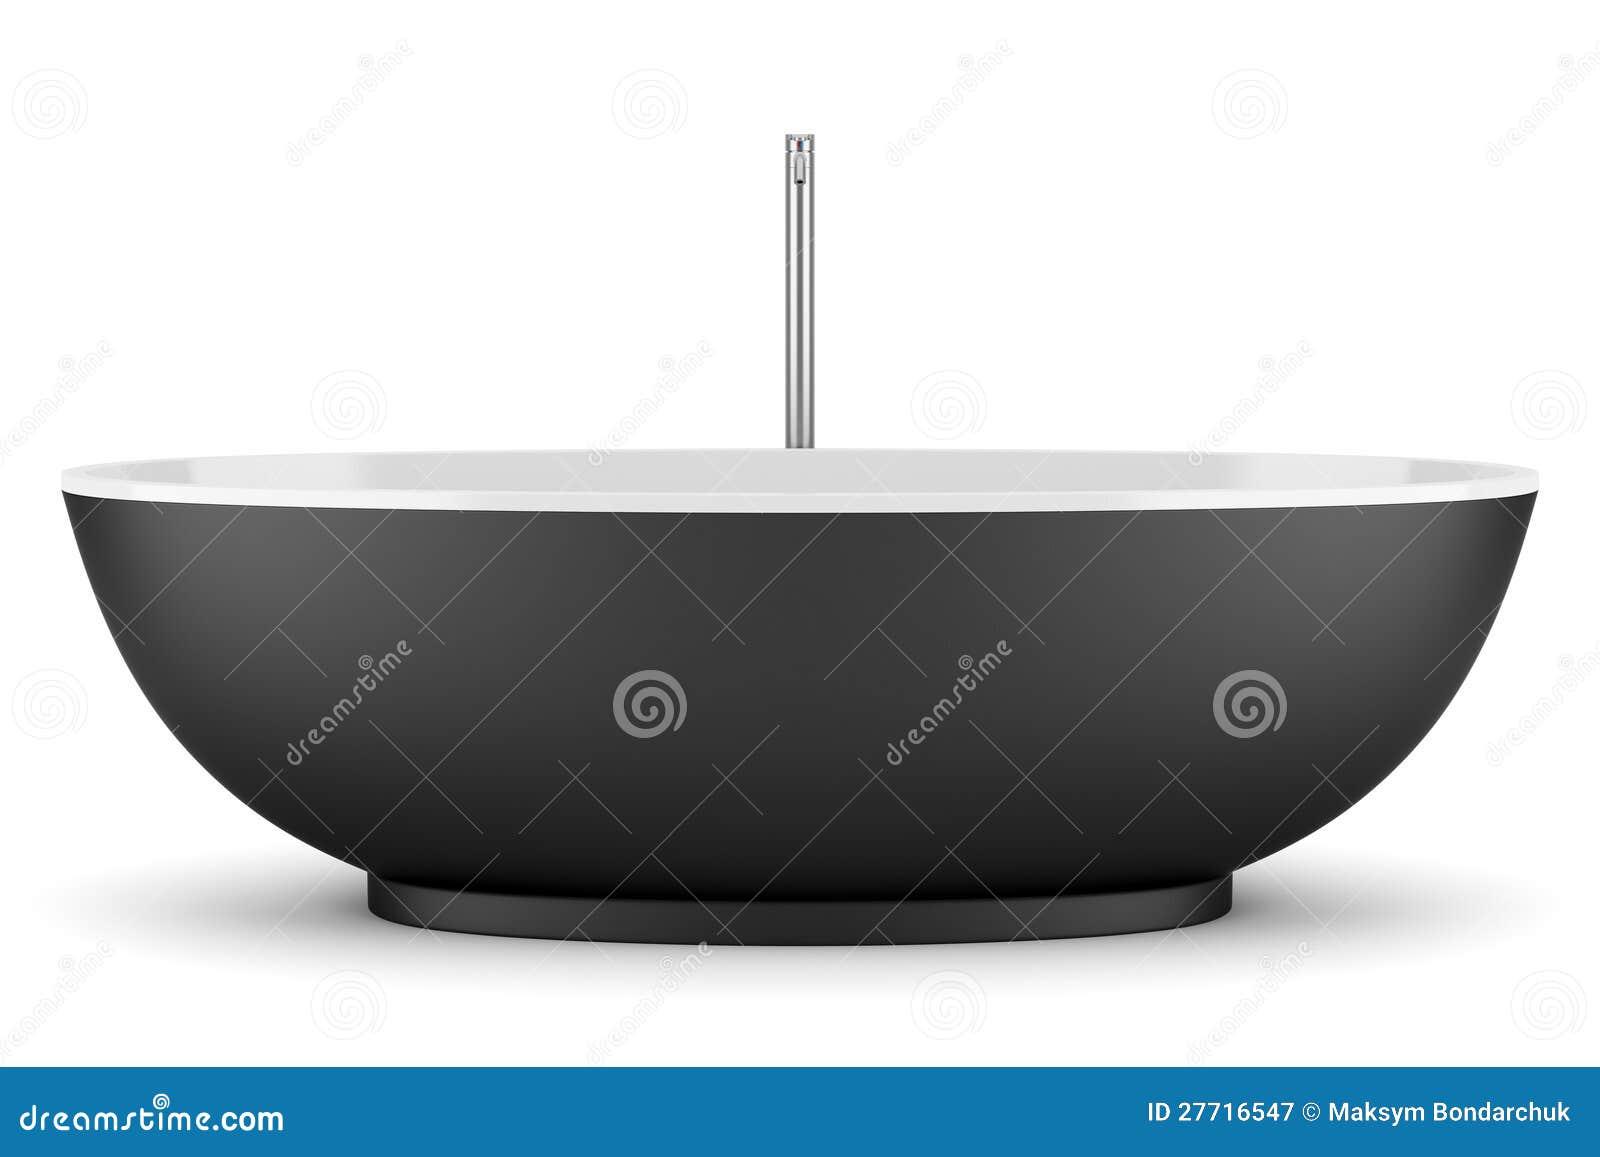 Vasca Da Bagno Bassa : Vasca da bagno nera moderna isolata su bianco illustrazione di stock